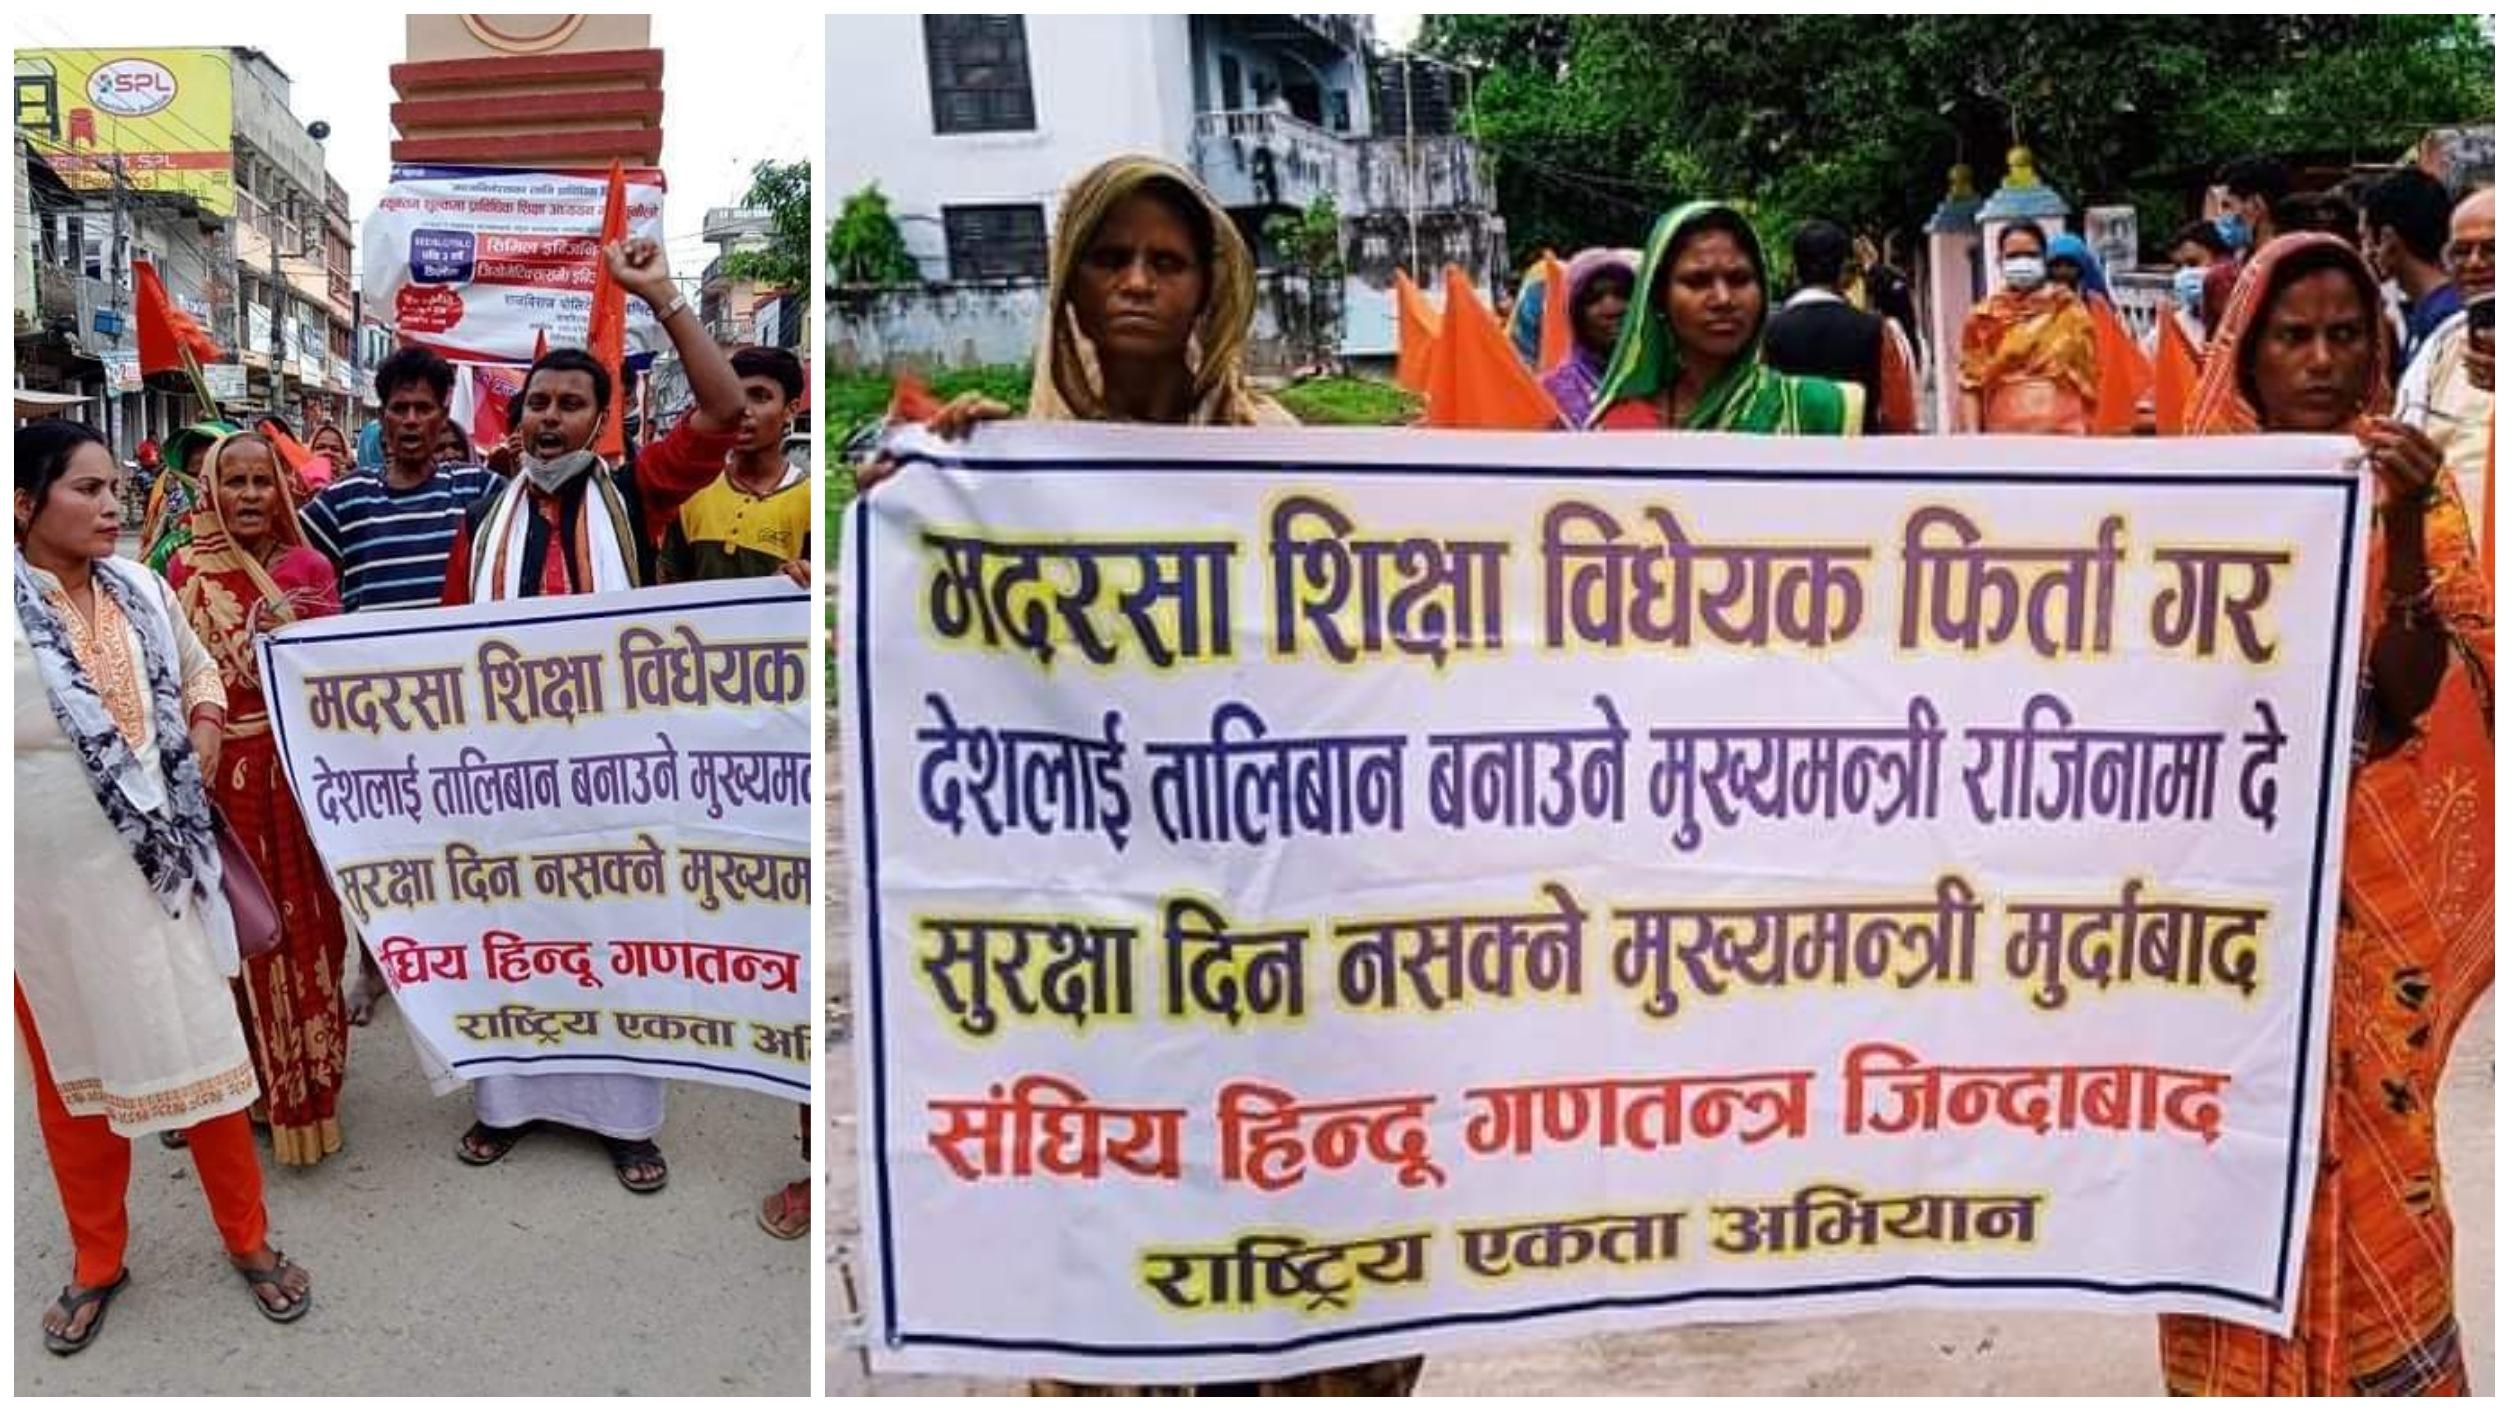 'मदरसा शिक्षा विधेयक' फिर्ताको माग गर्दै मुख्यमन्त्री राउतविरुद्ध प्रदर्शन !